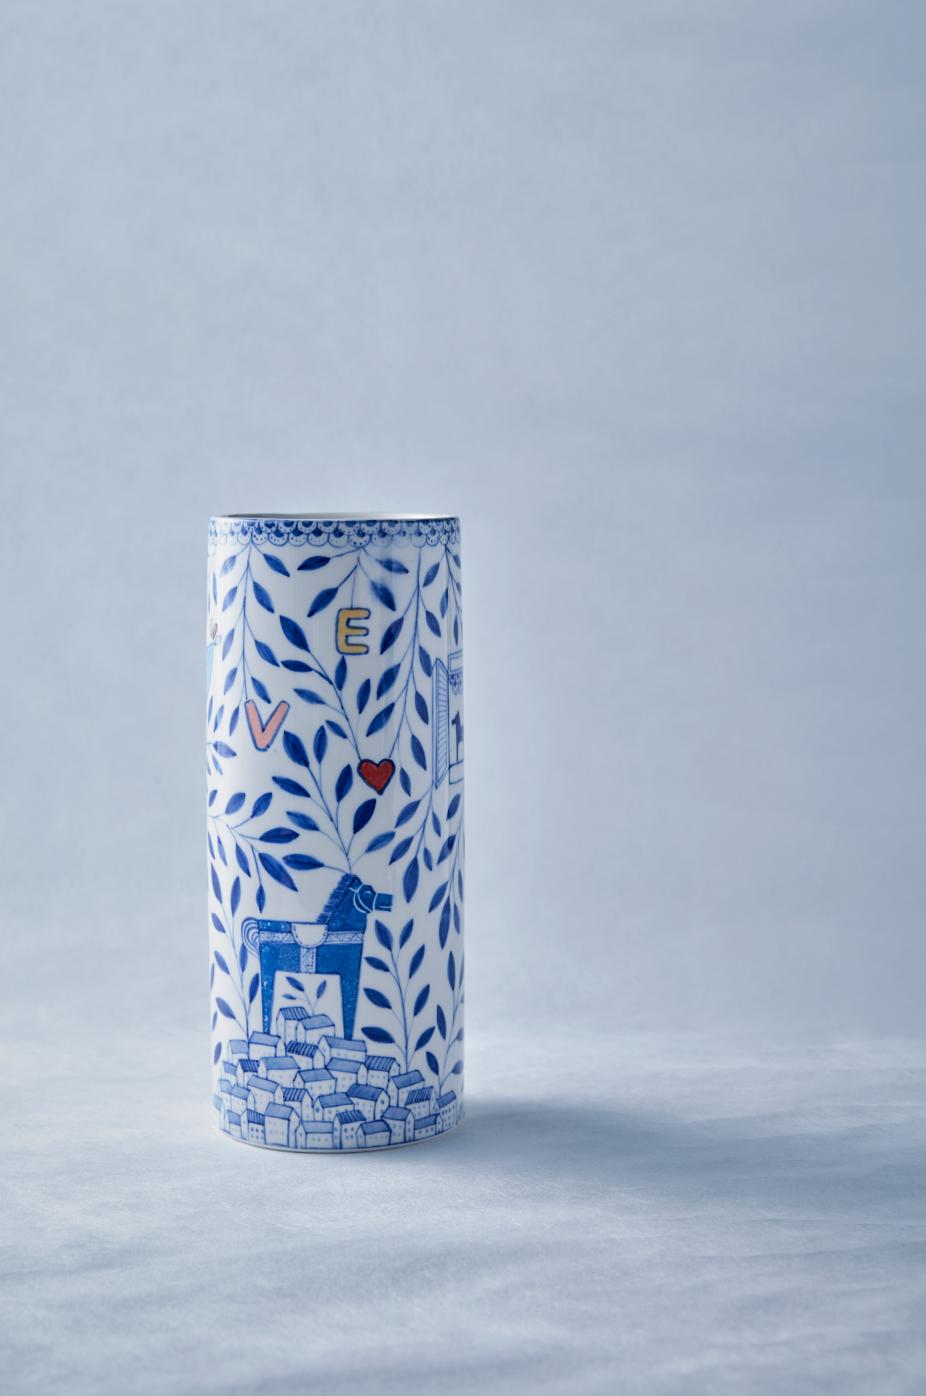 한주은, Vase, 11 x 11 x 31 cm, Porcelain, 2